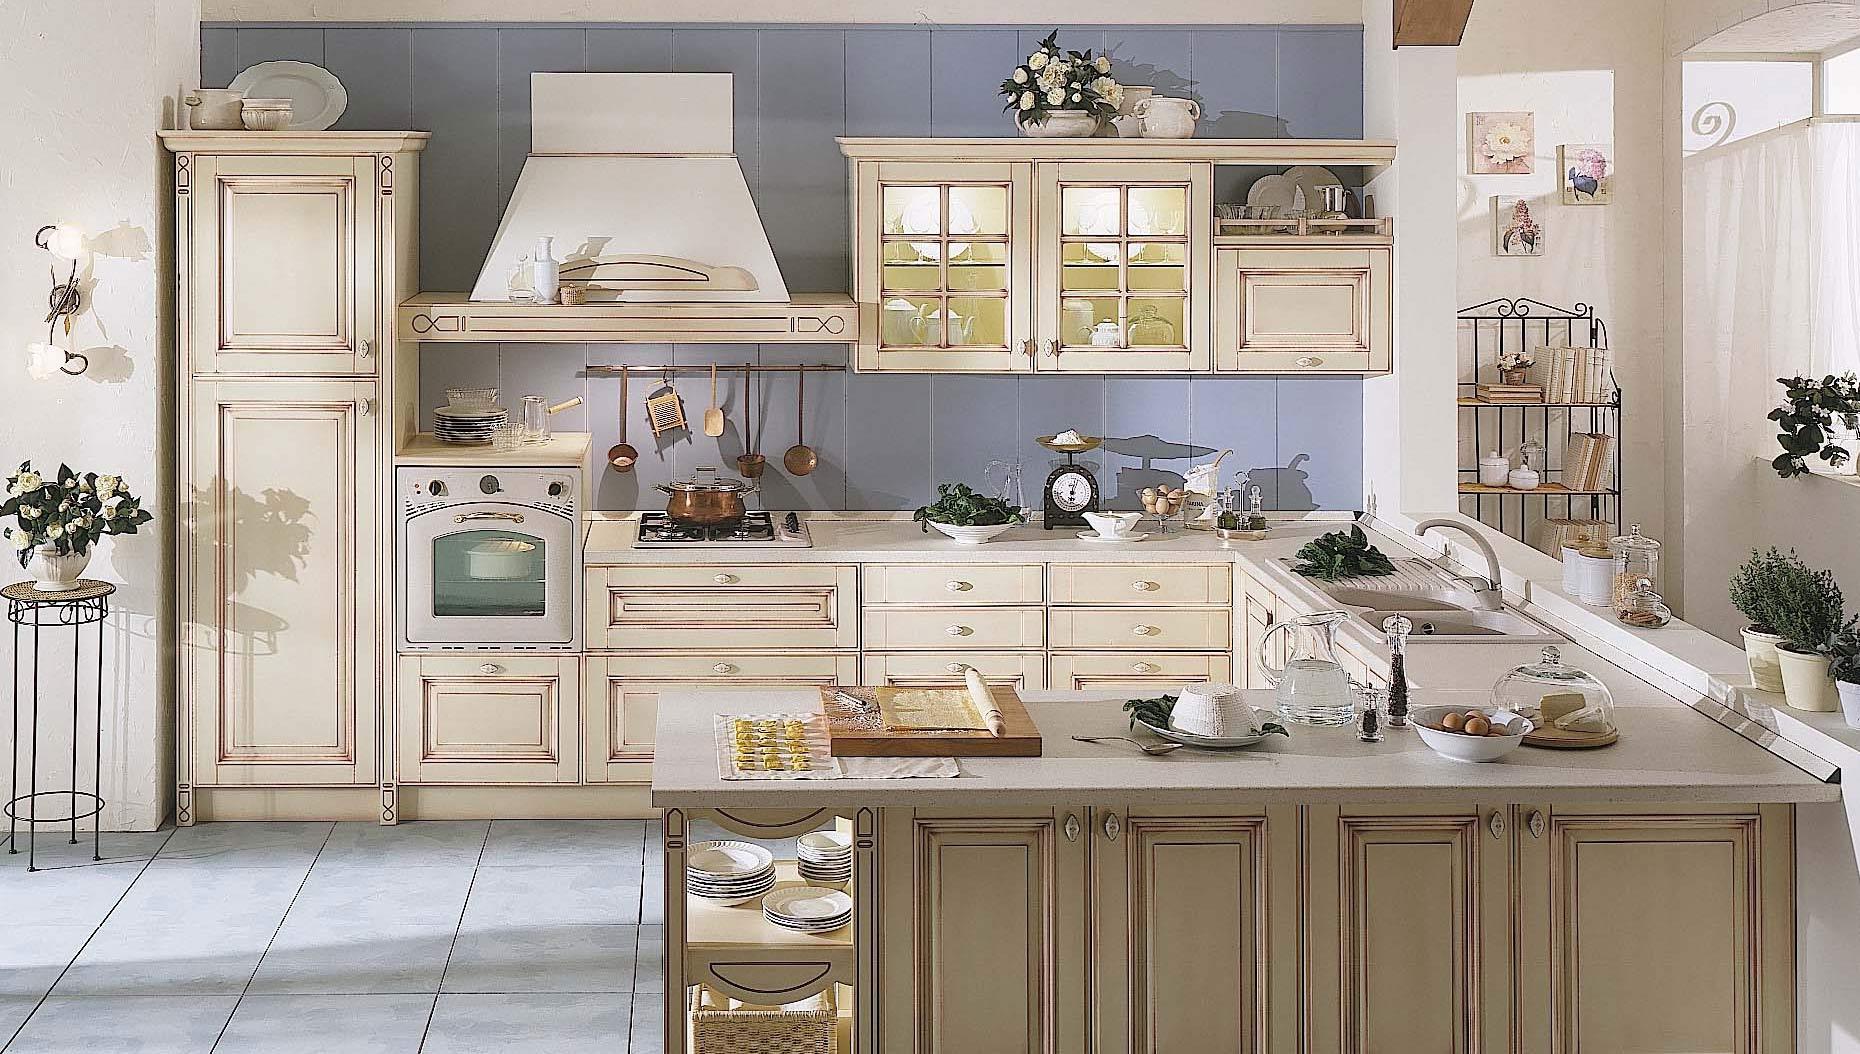 Camerette Bambini Stile Provenzale.Arredo Cucina In Stile Provenzale Arredopiu Arredamento E Design